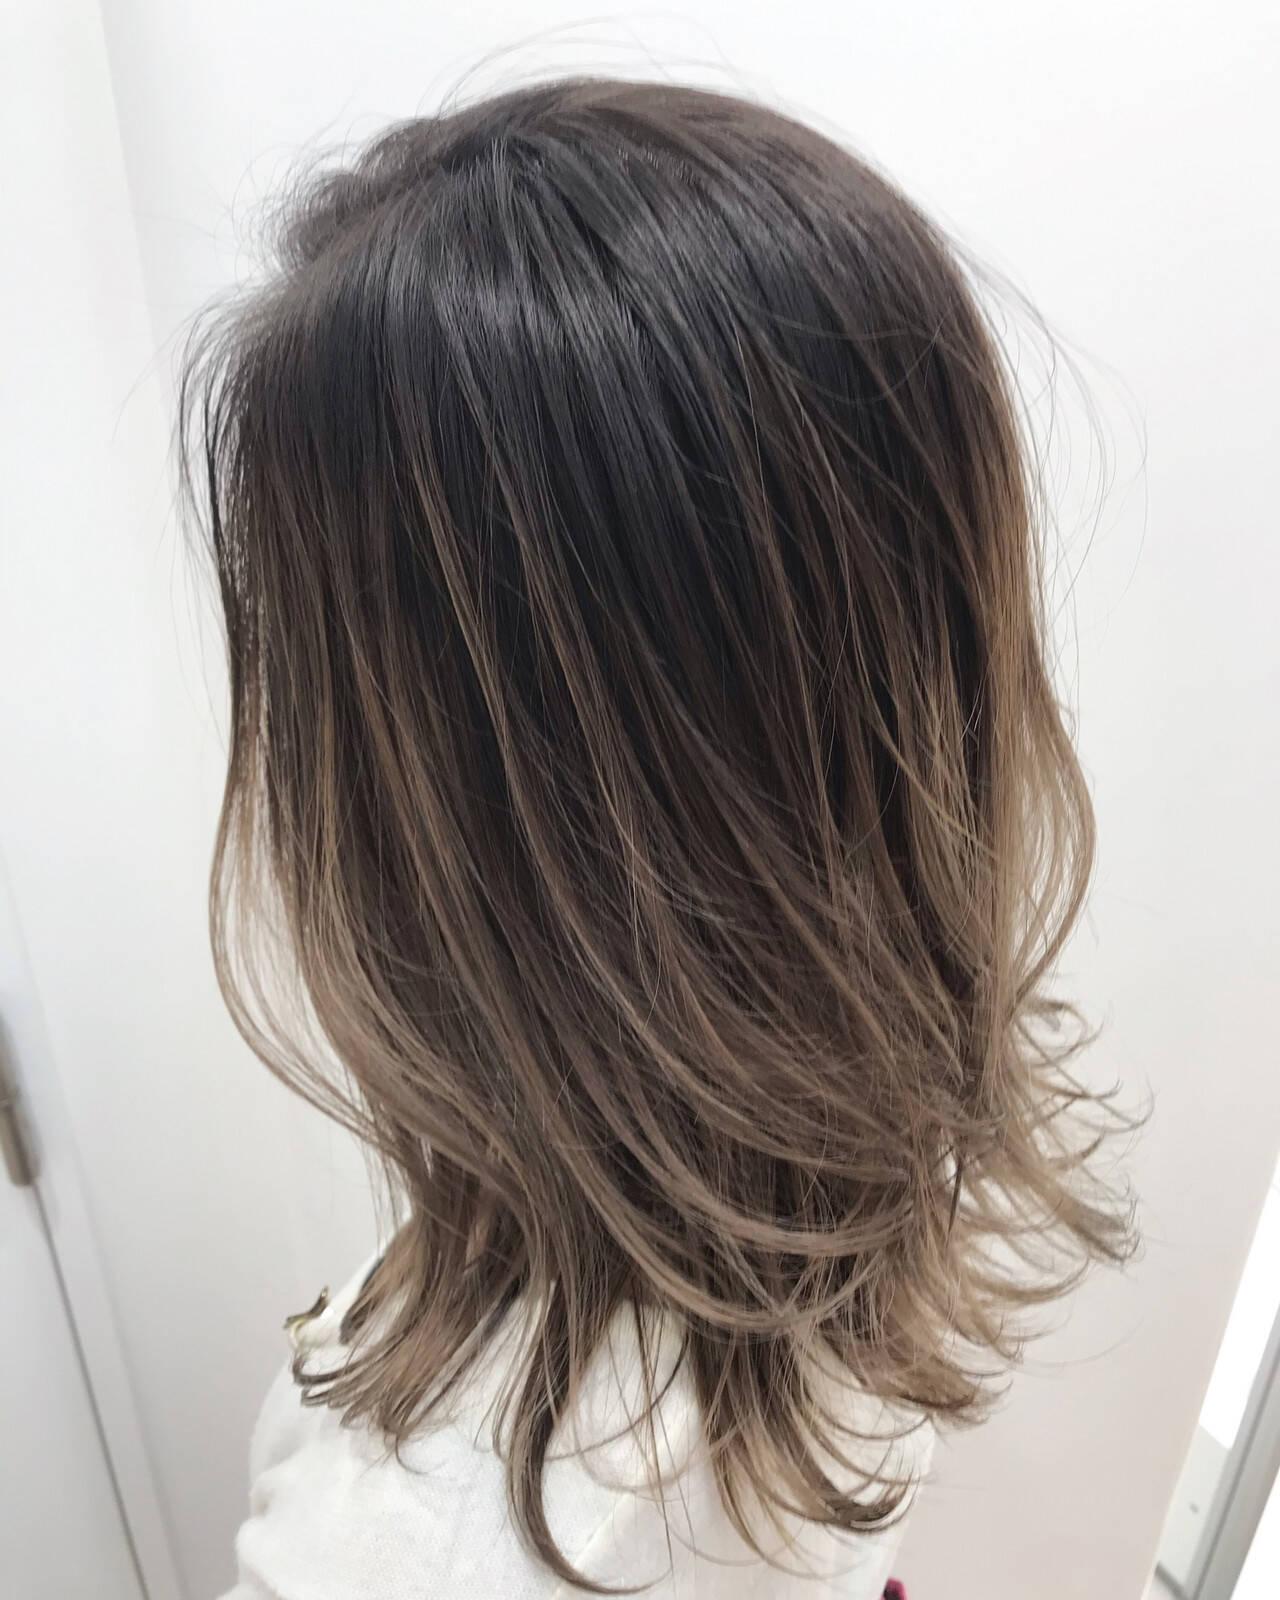 バレイヤージュ ハイライト 外国人風カラー セミロングヘアスタイルや髪型の写真・画像